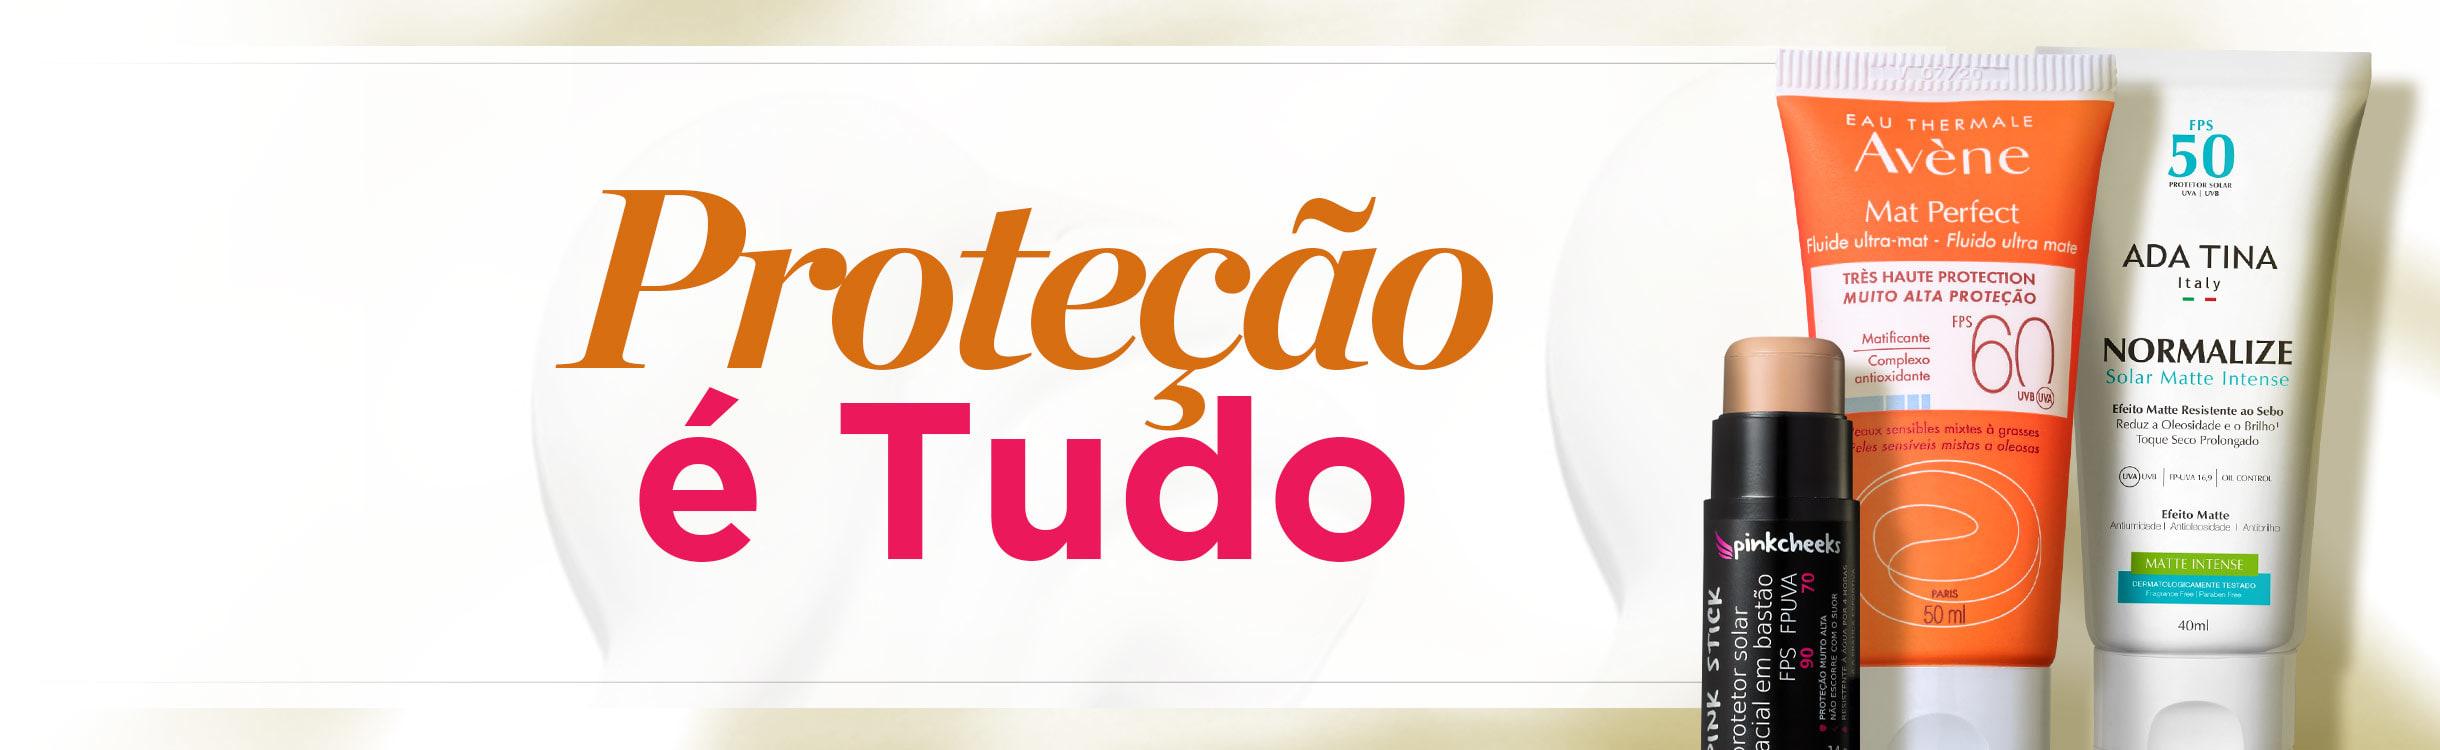 Protetor Solar Facial Dermocosmético